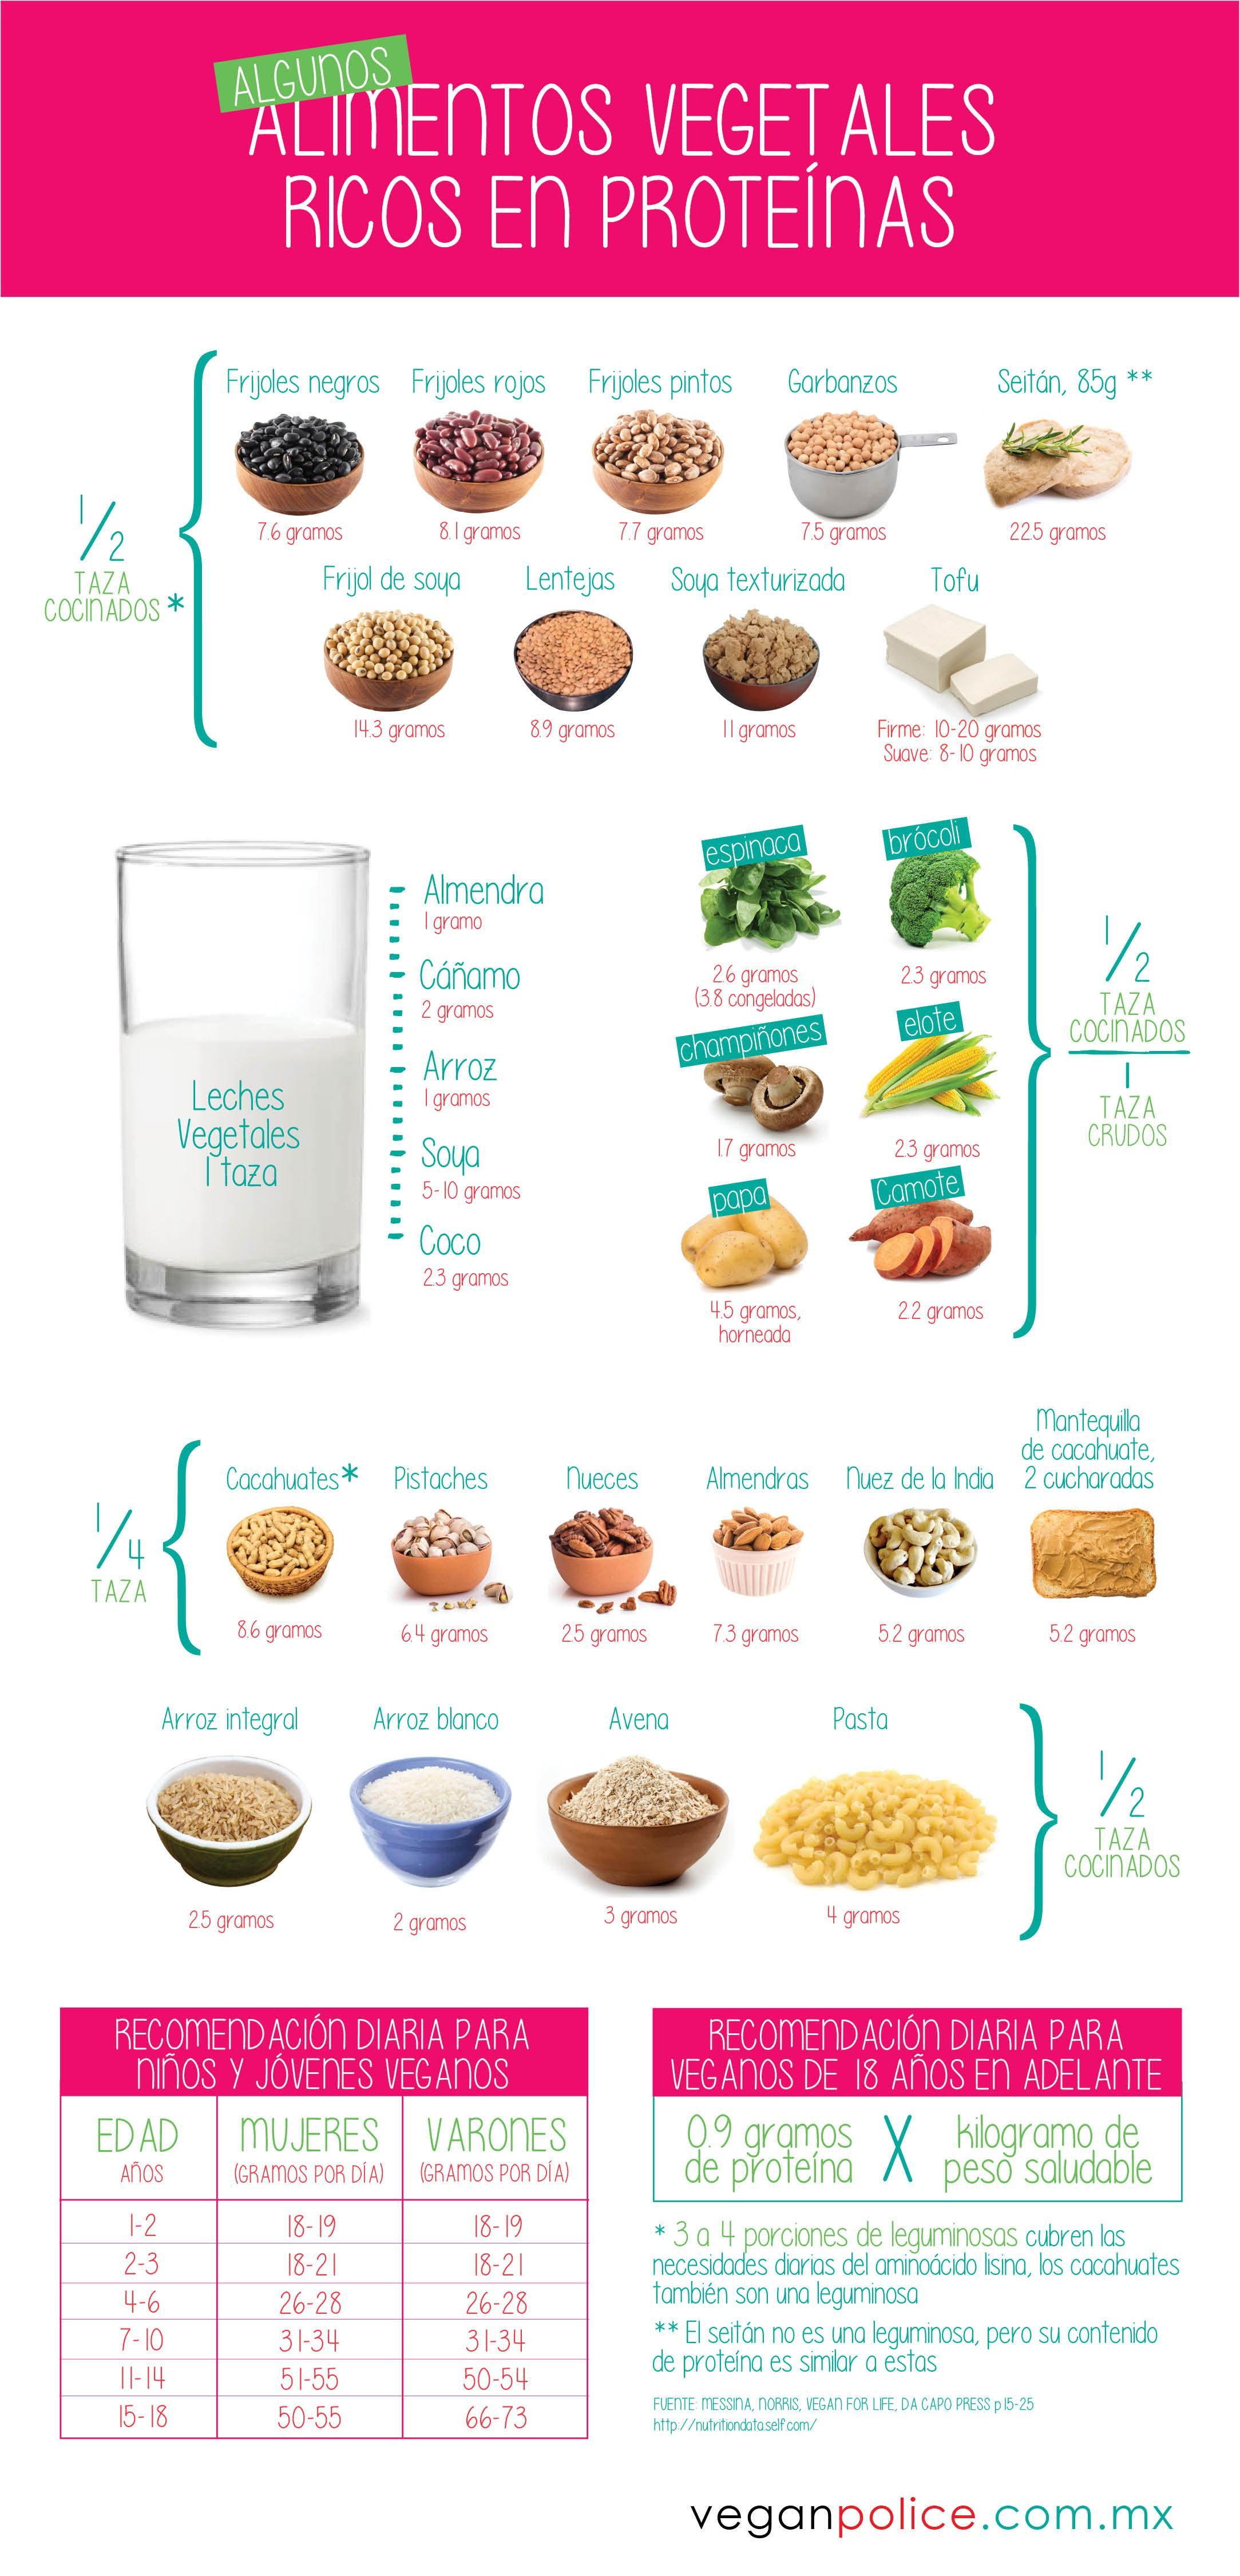 Infograf a alimentos vegetales ricos en prote nas vegan police vegano pinterest - Alimentos ricos en gluten ...